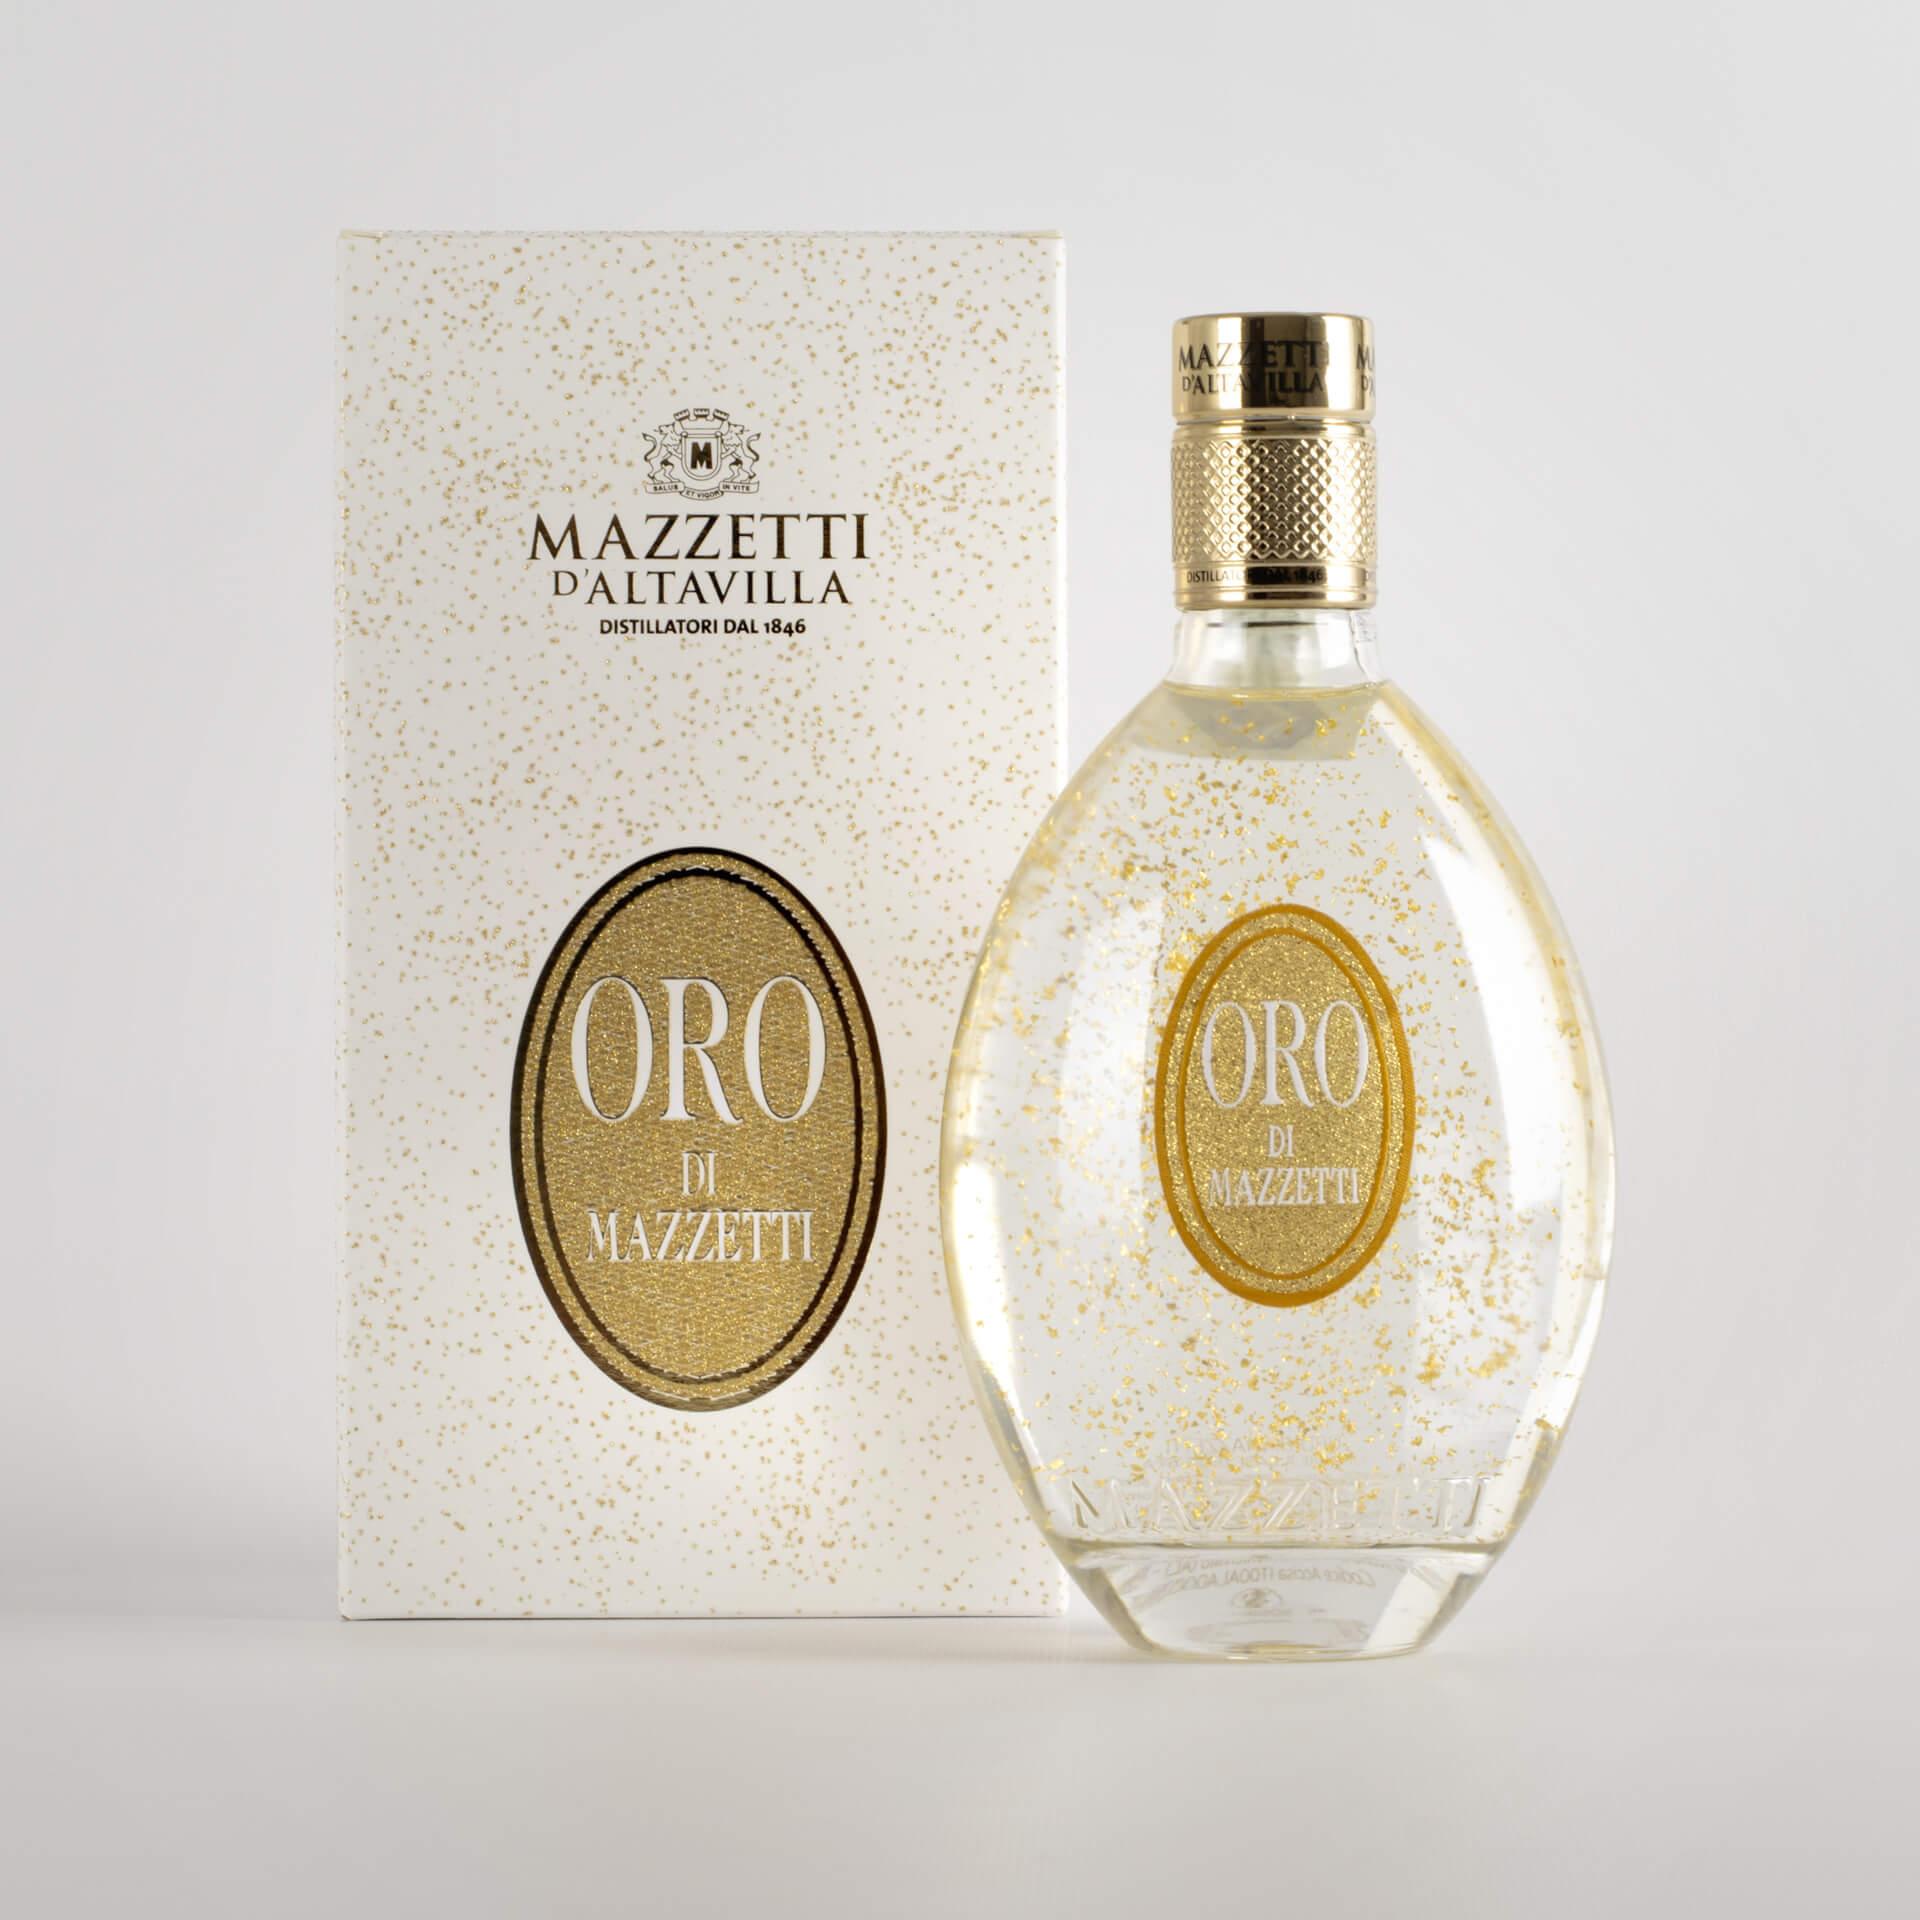 Gold Mazzetti based liqueur Grappa Mazzetti - with case